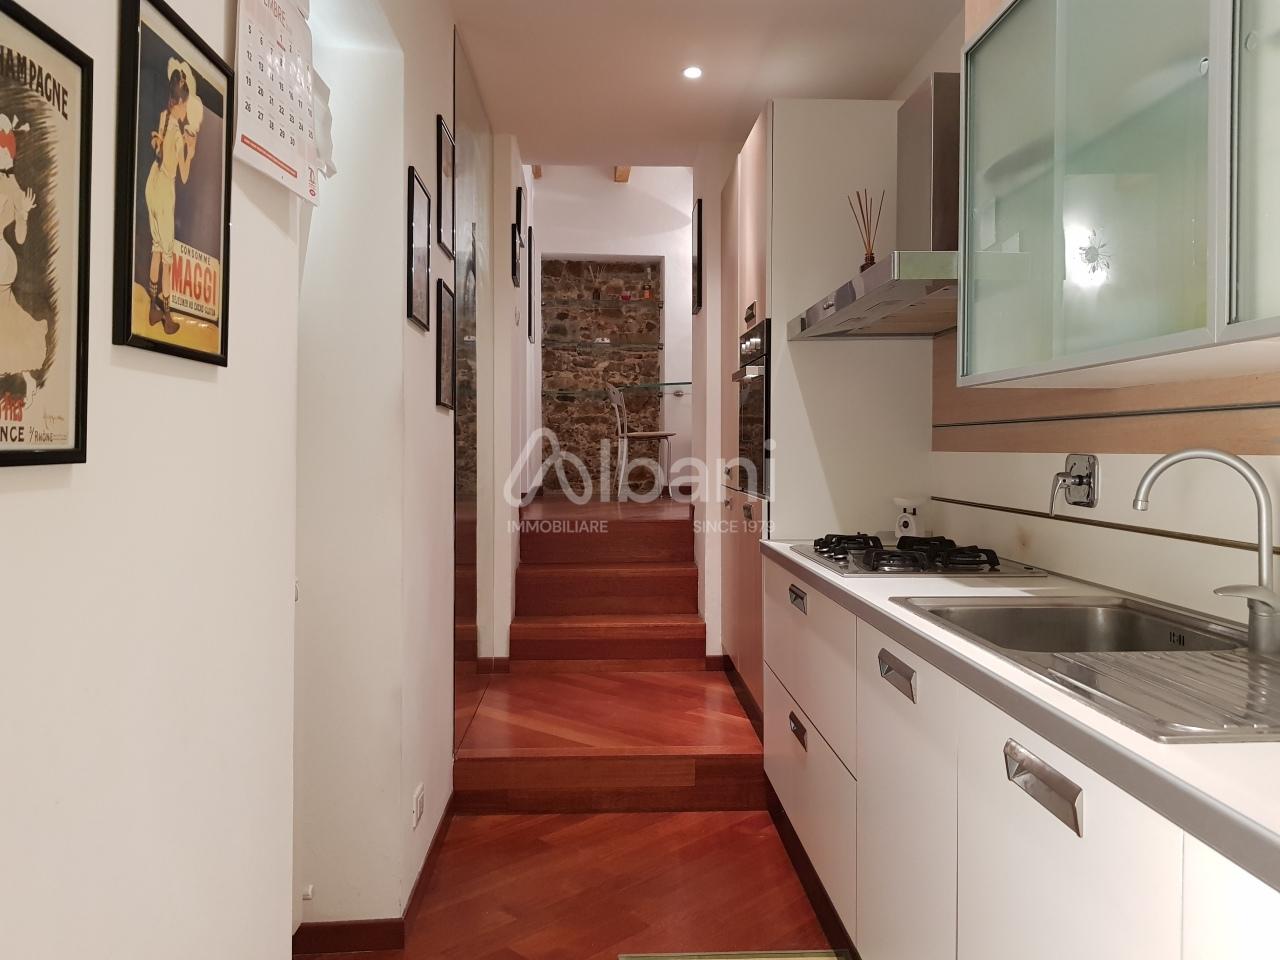 Appartamento in vendita a Portovenere, 3 locali, prezzo € 120.000 | PortaleAgenzieImmobiliari.it